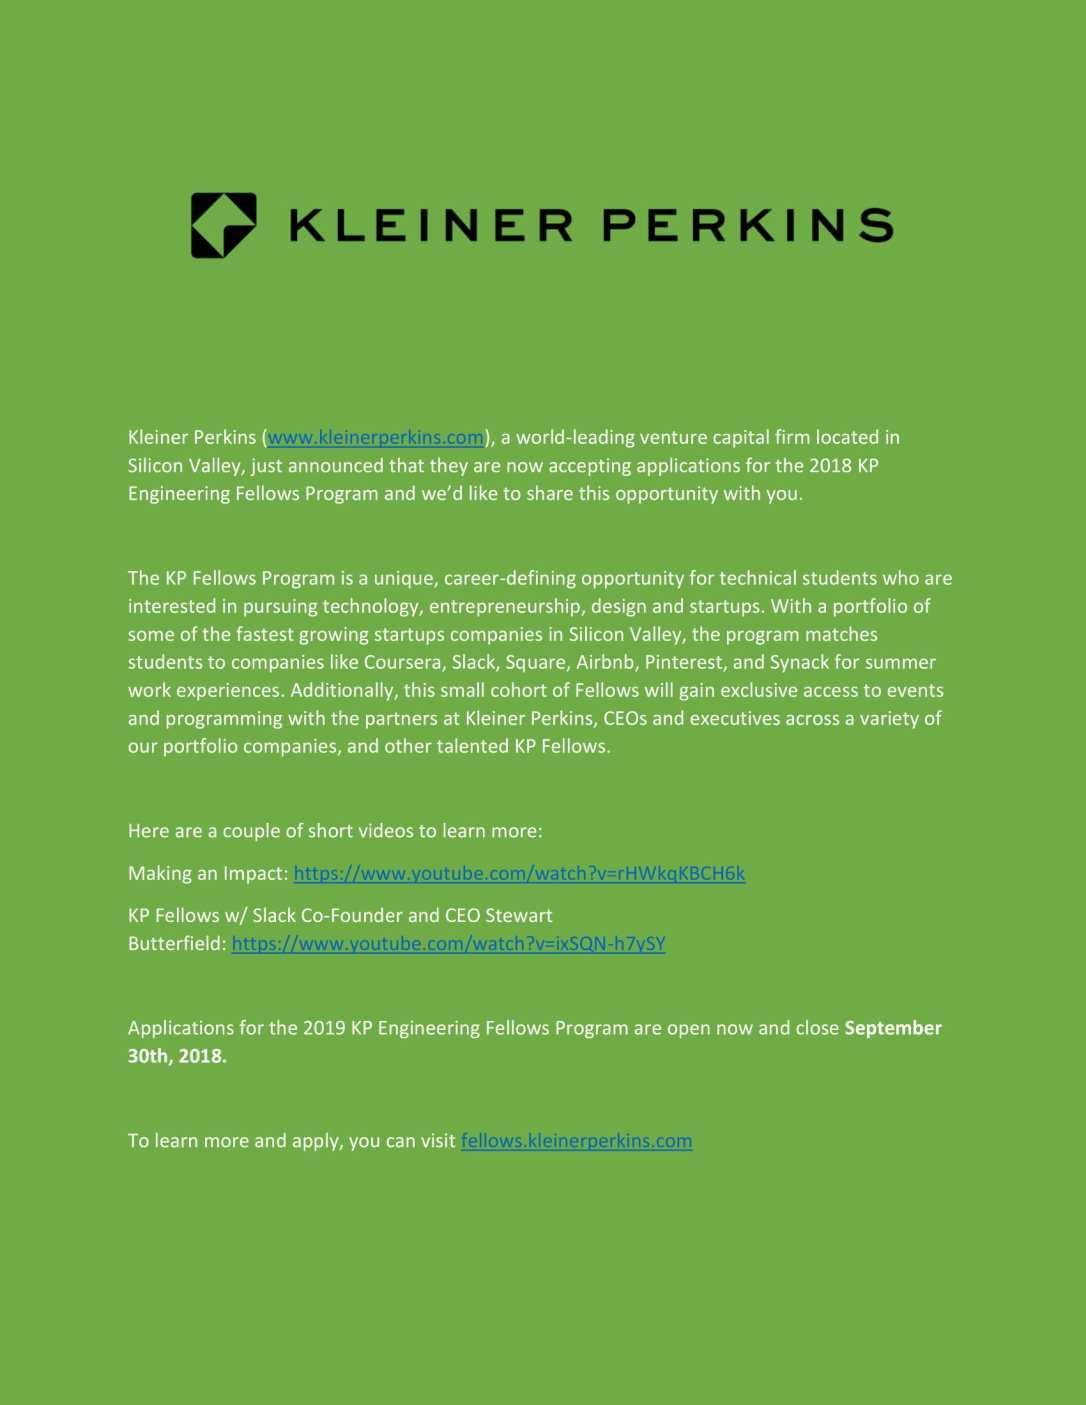 Kleiner Perkins-1